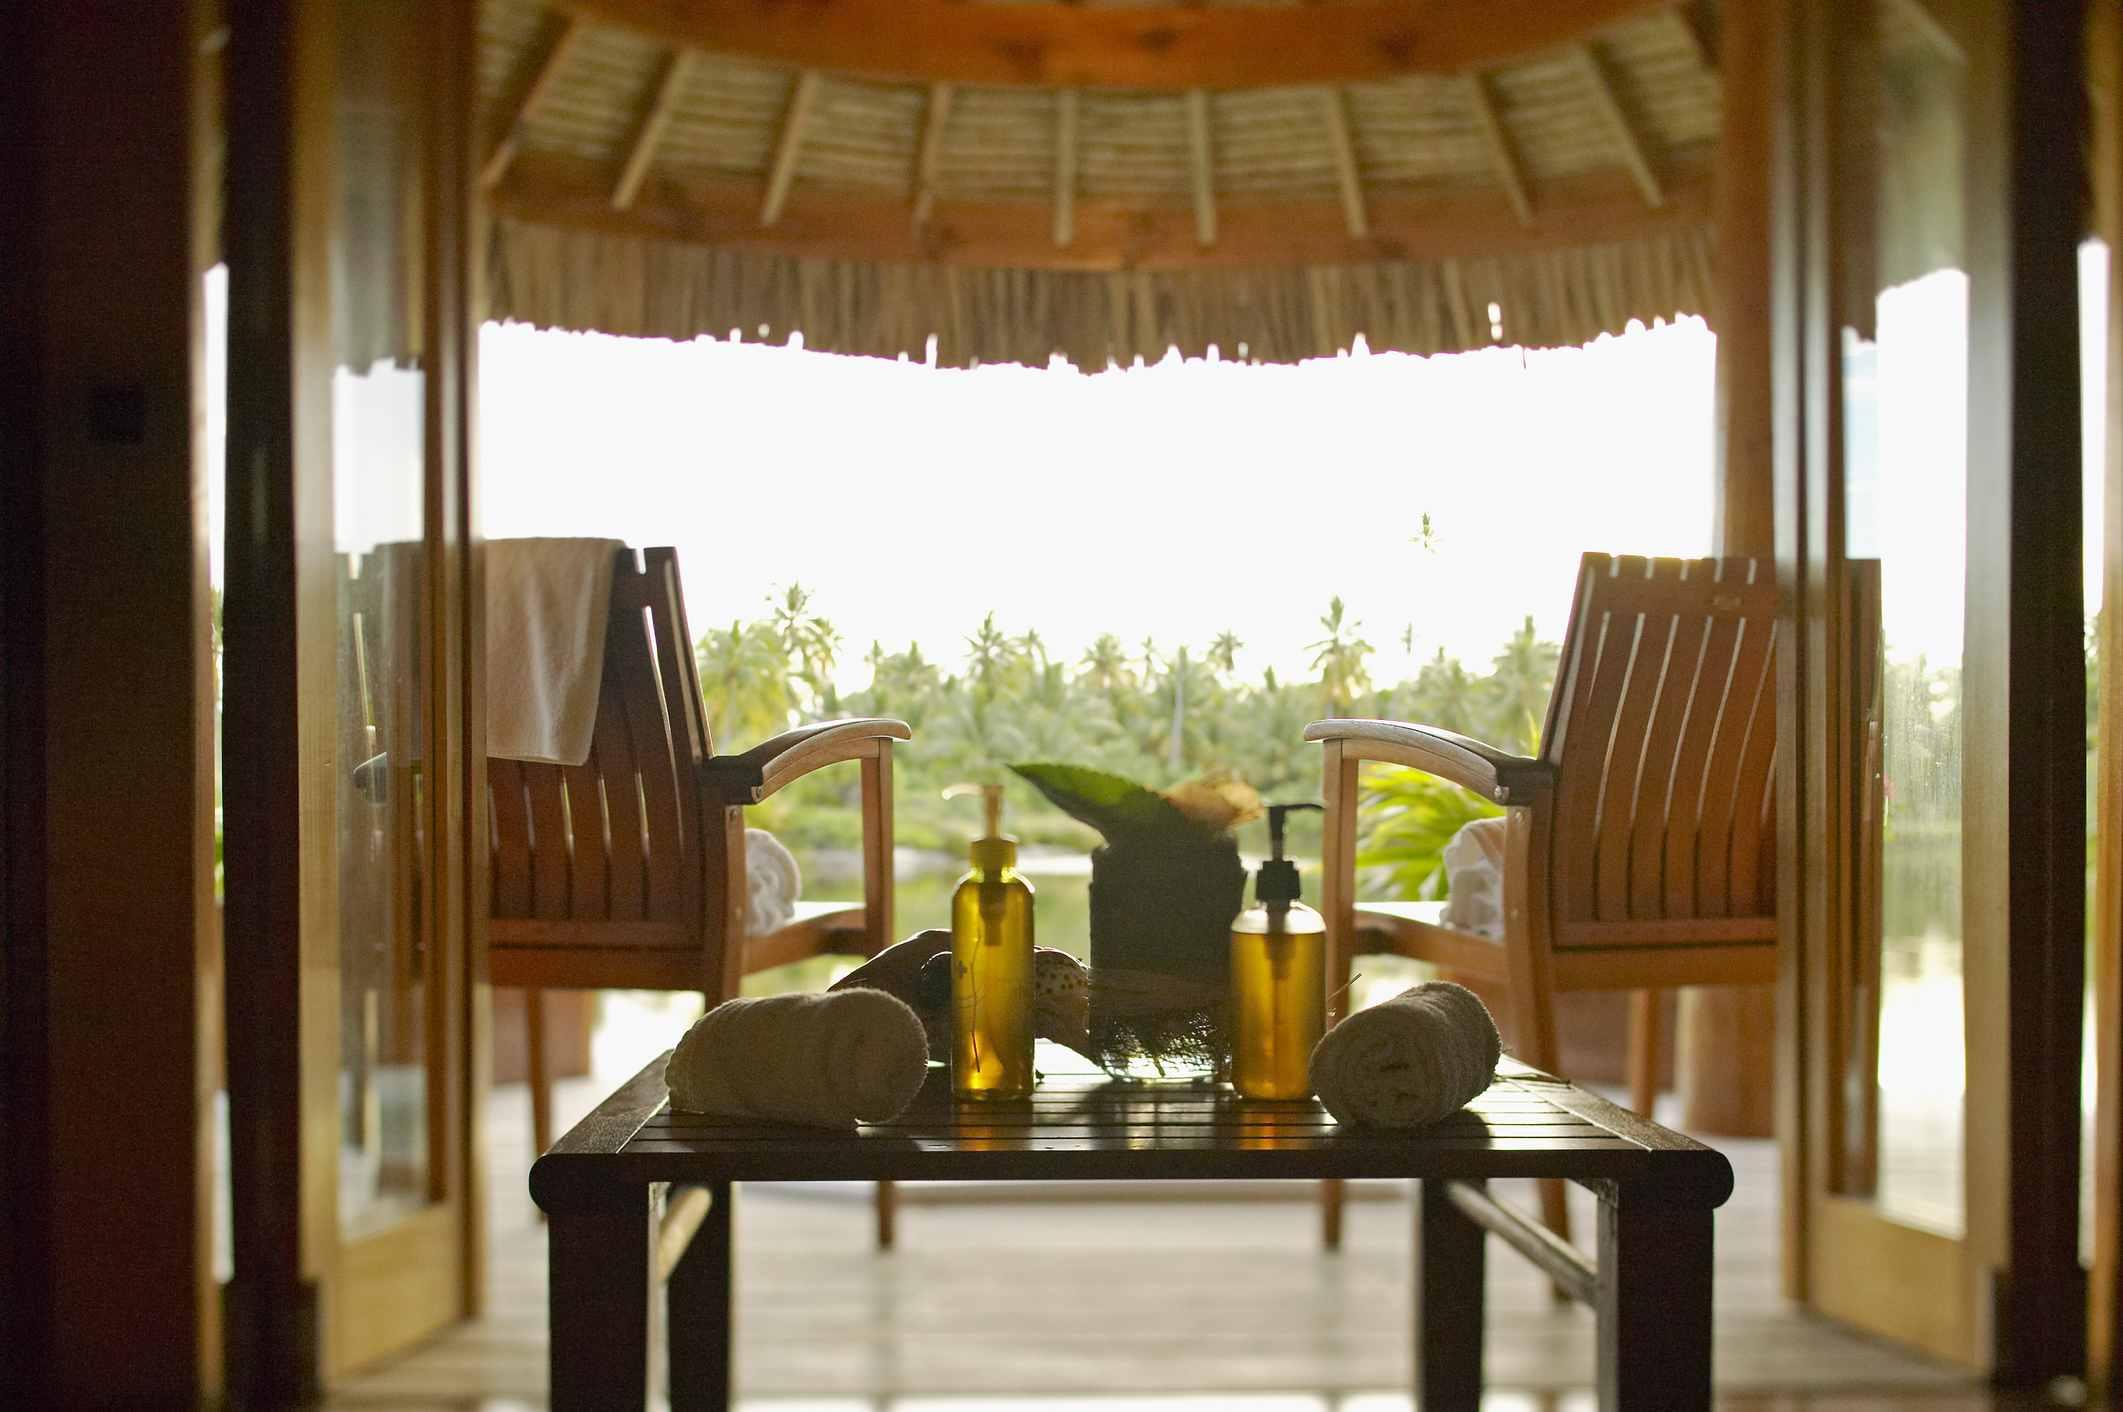 Interior del spa, mirando más allá de las mesas y sillones en un entorno tropical